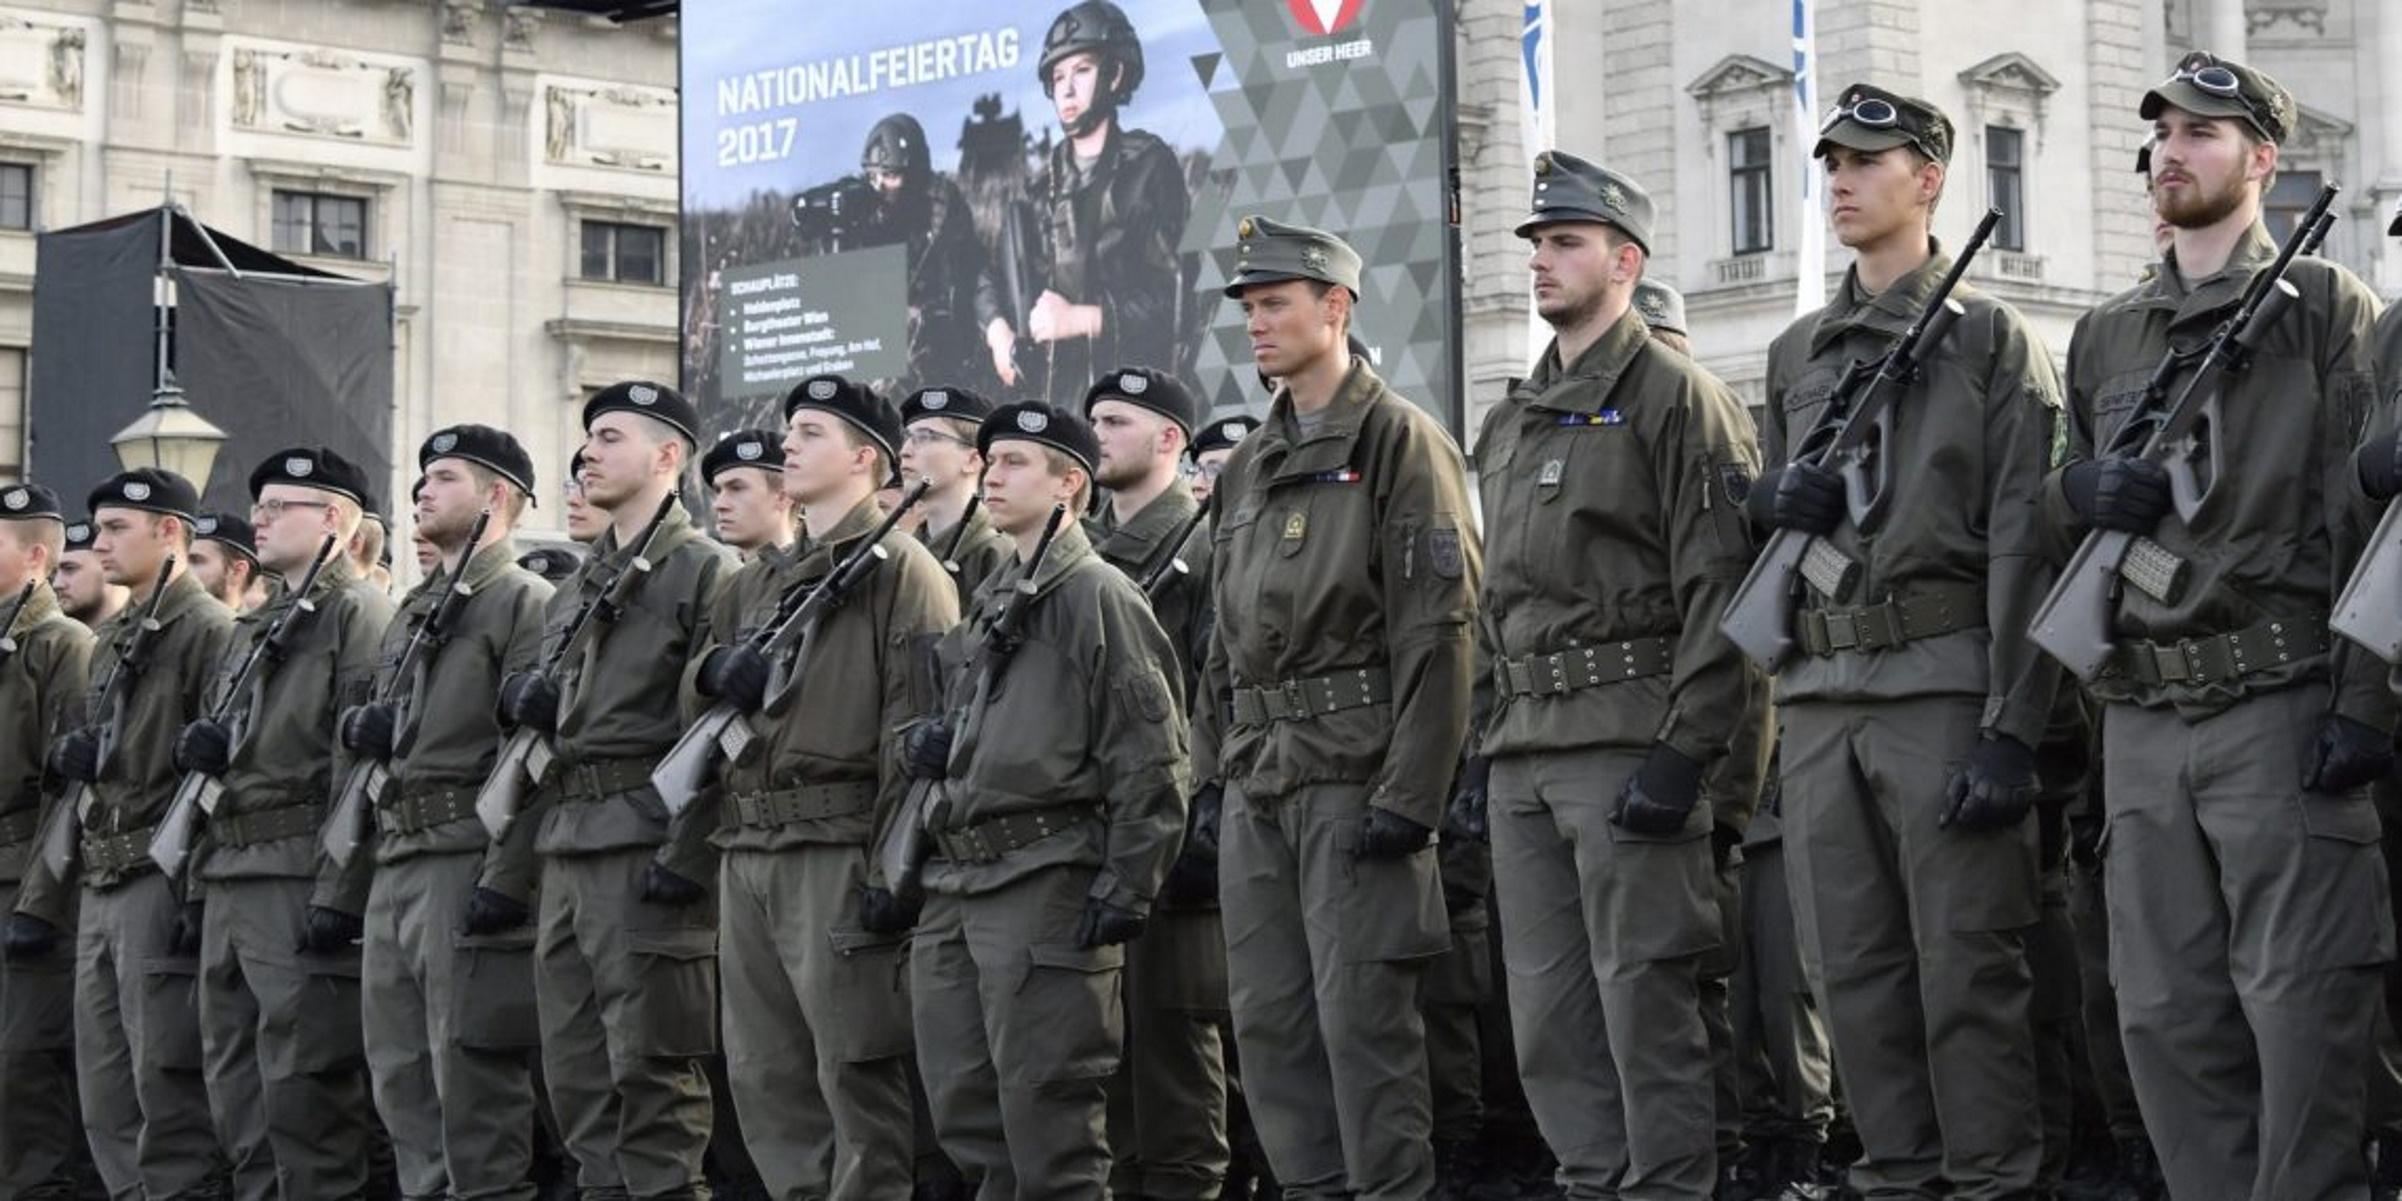 """Κορονοϊός: Η Αυστρία """"επιστρατεύει"""" τις Ένοπλες Δυνάμεις για τη διενέργεια μαζικών τεστ!"""